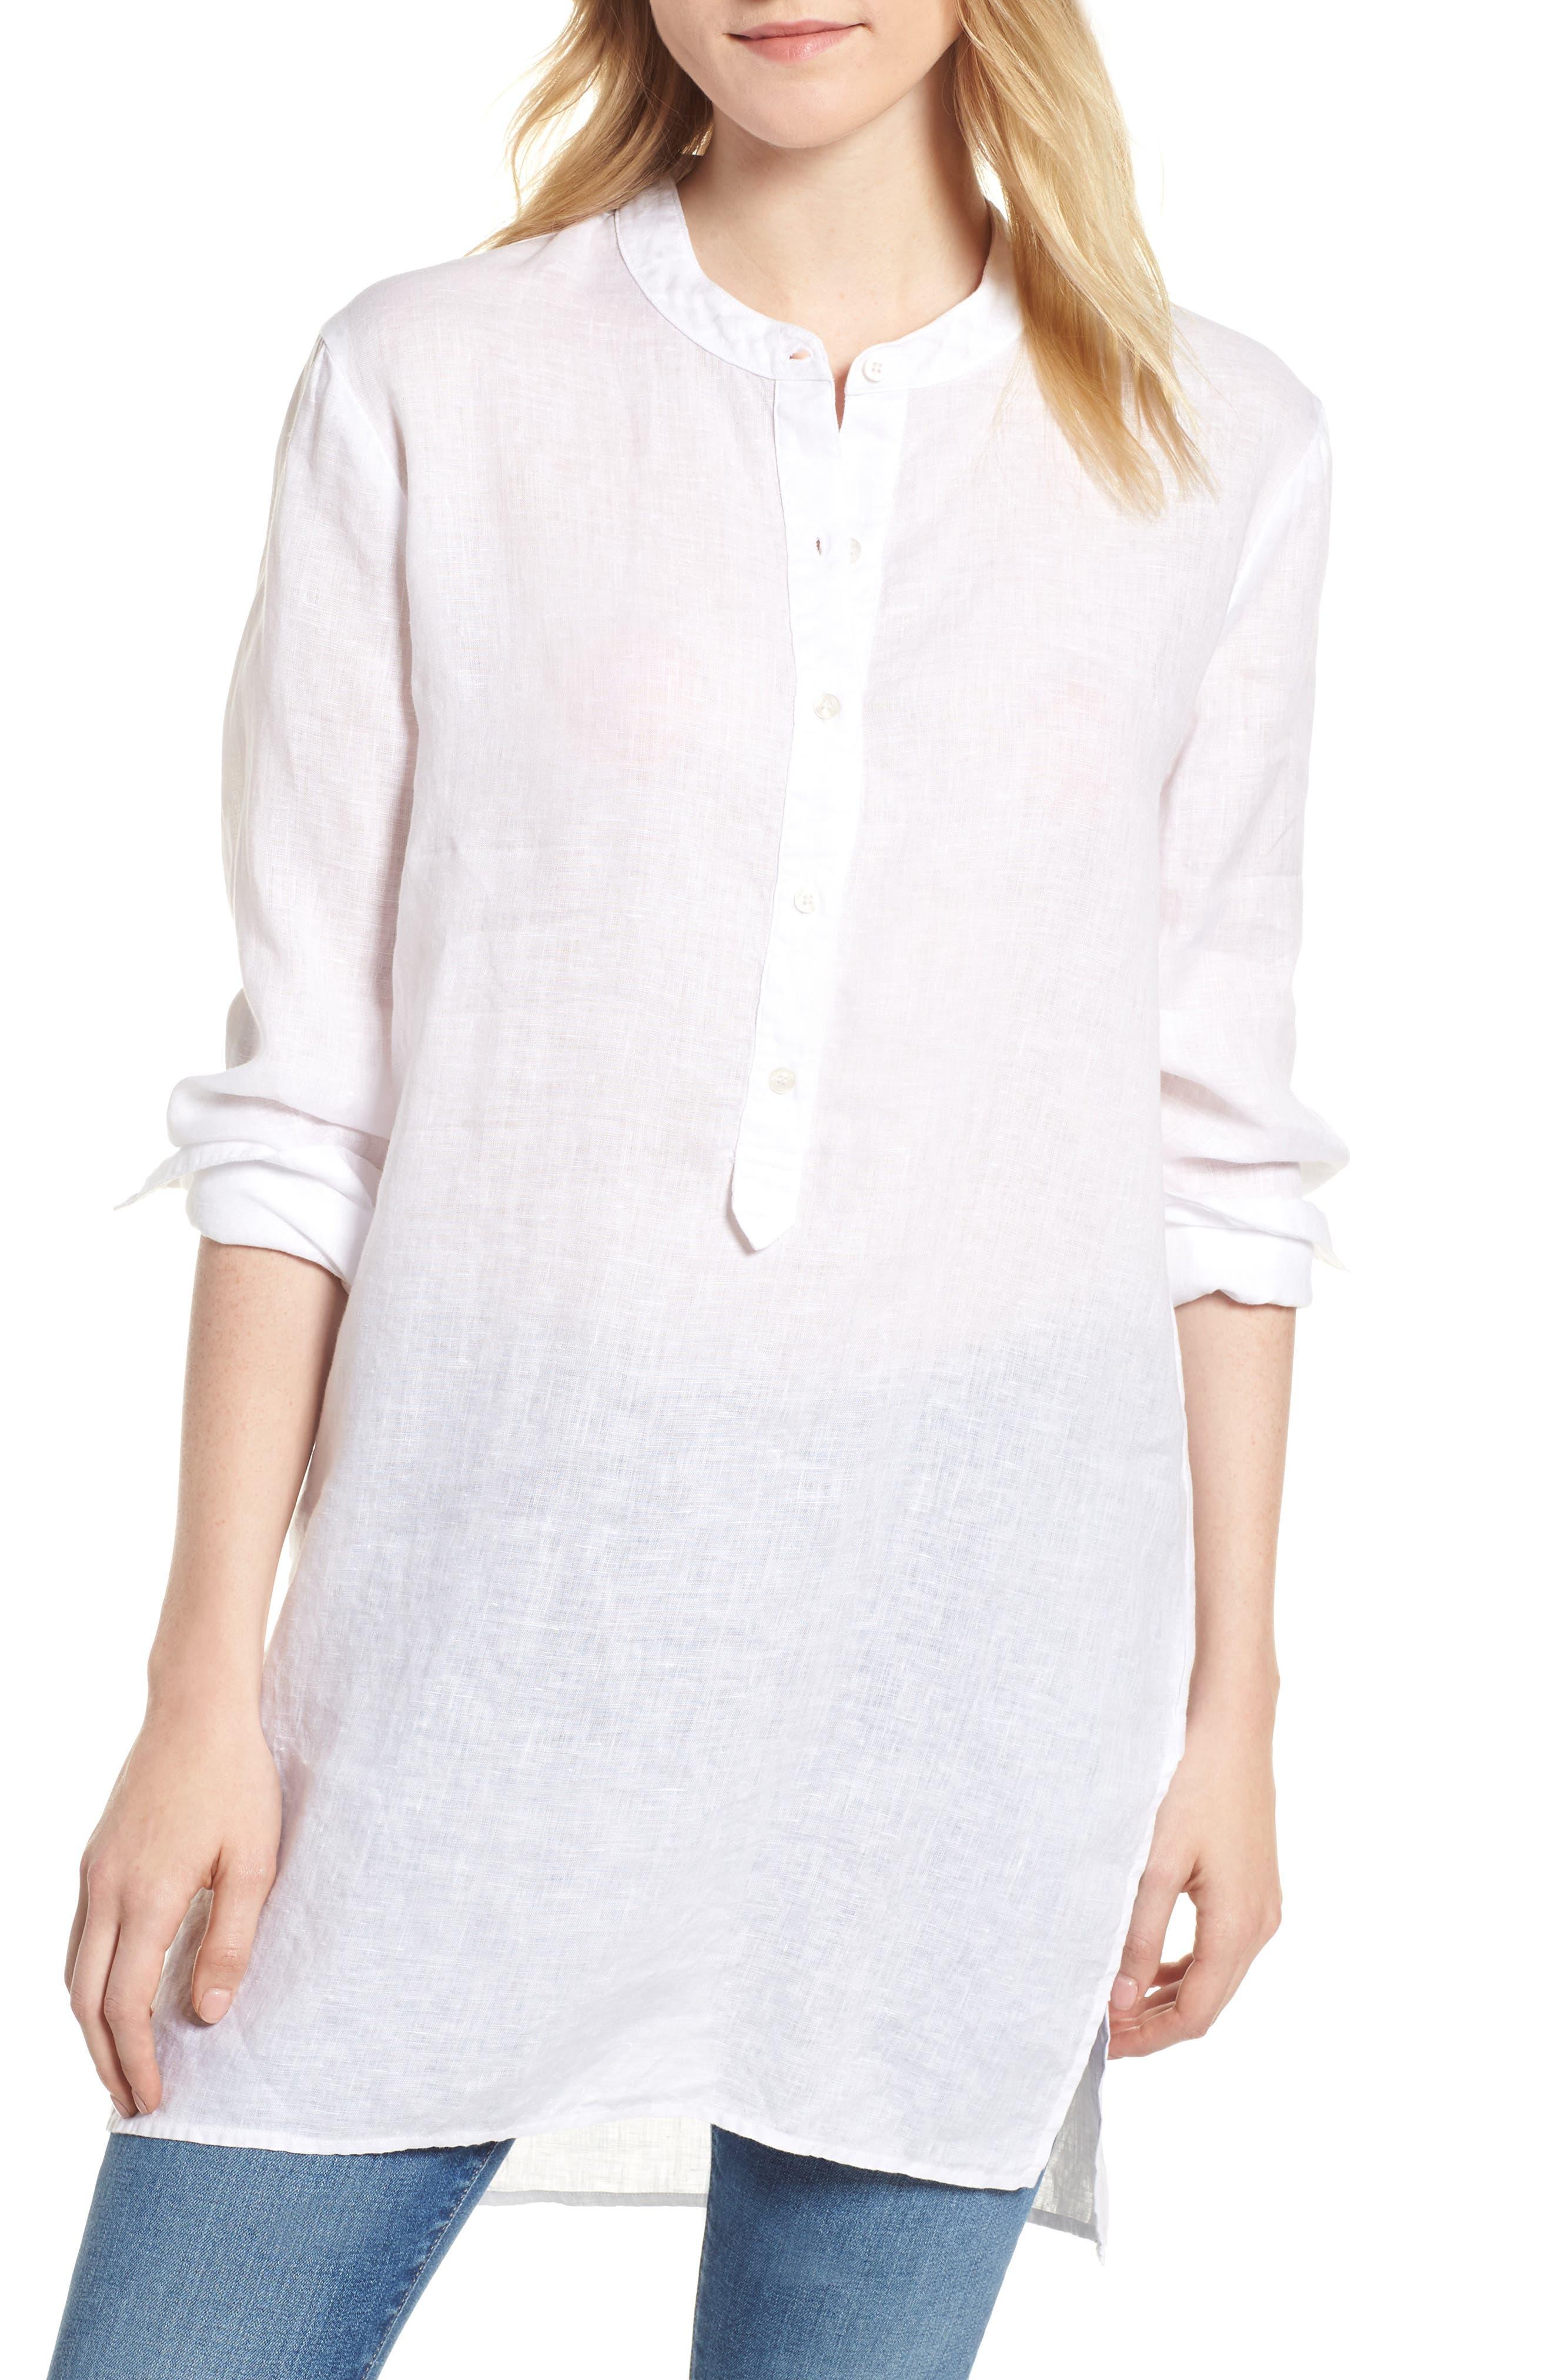 Shirting Tunic Top,                         Main,                         color, 100